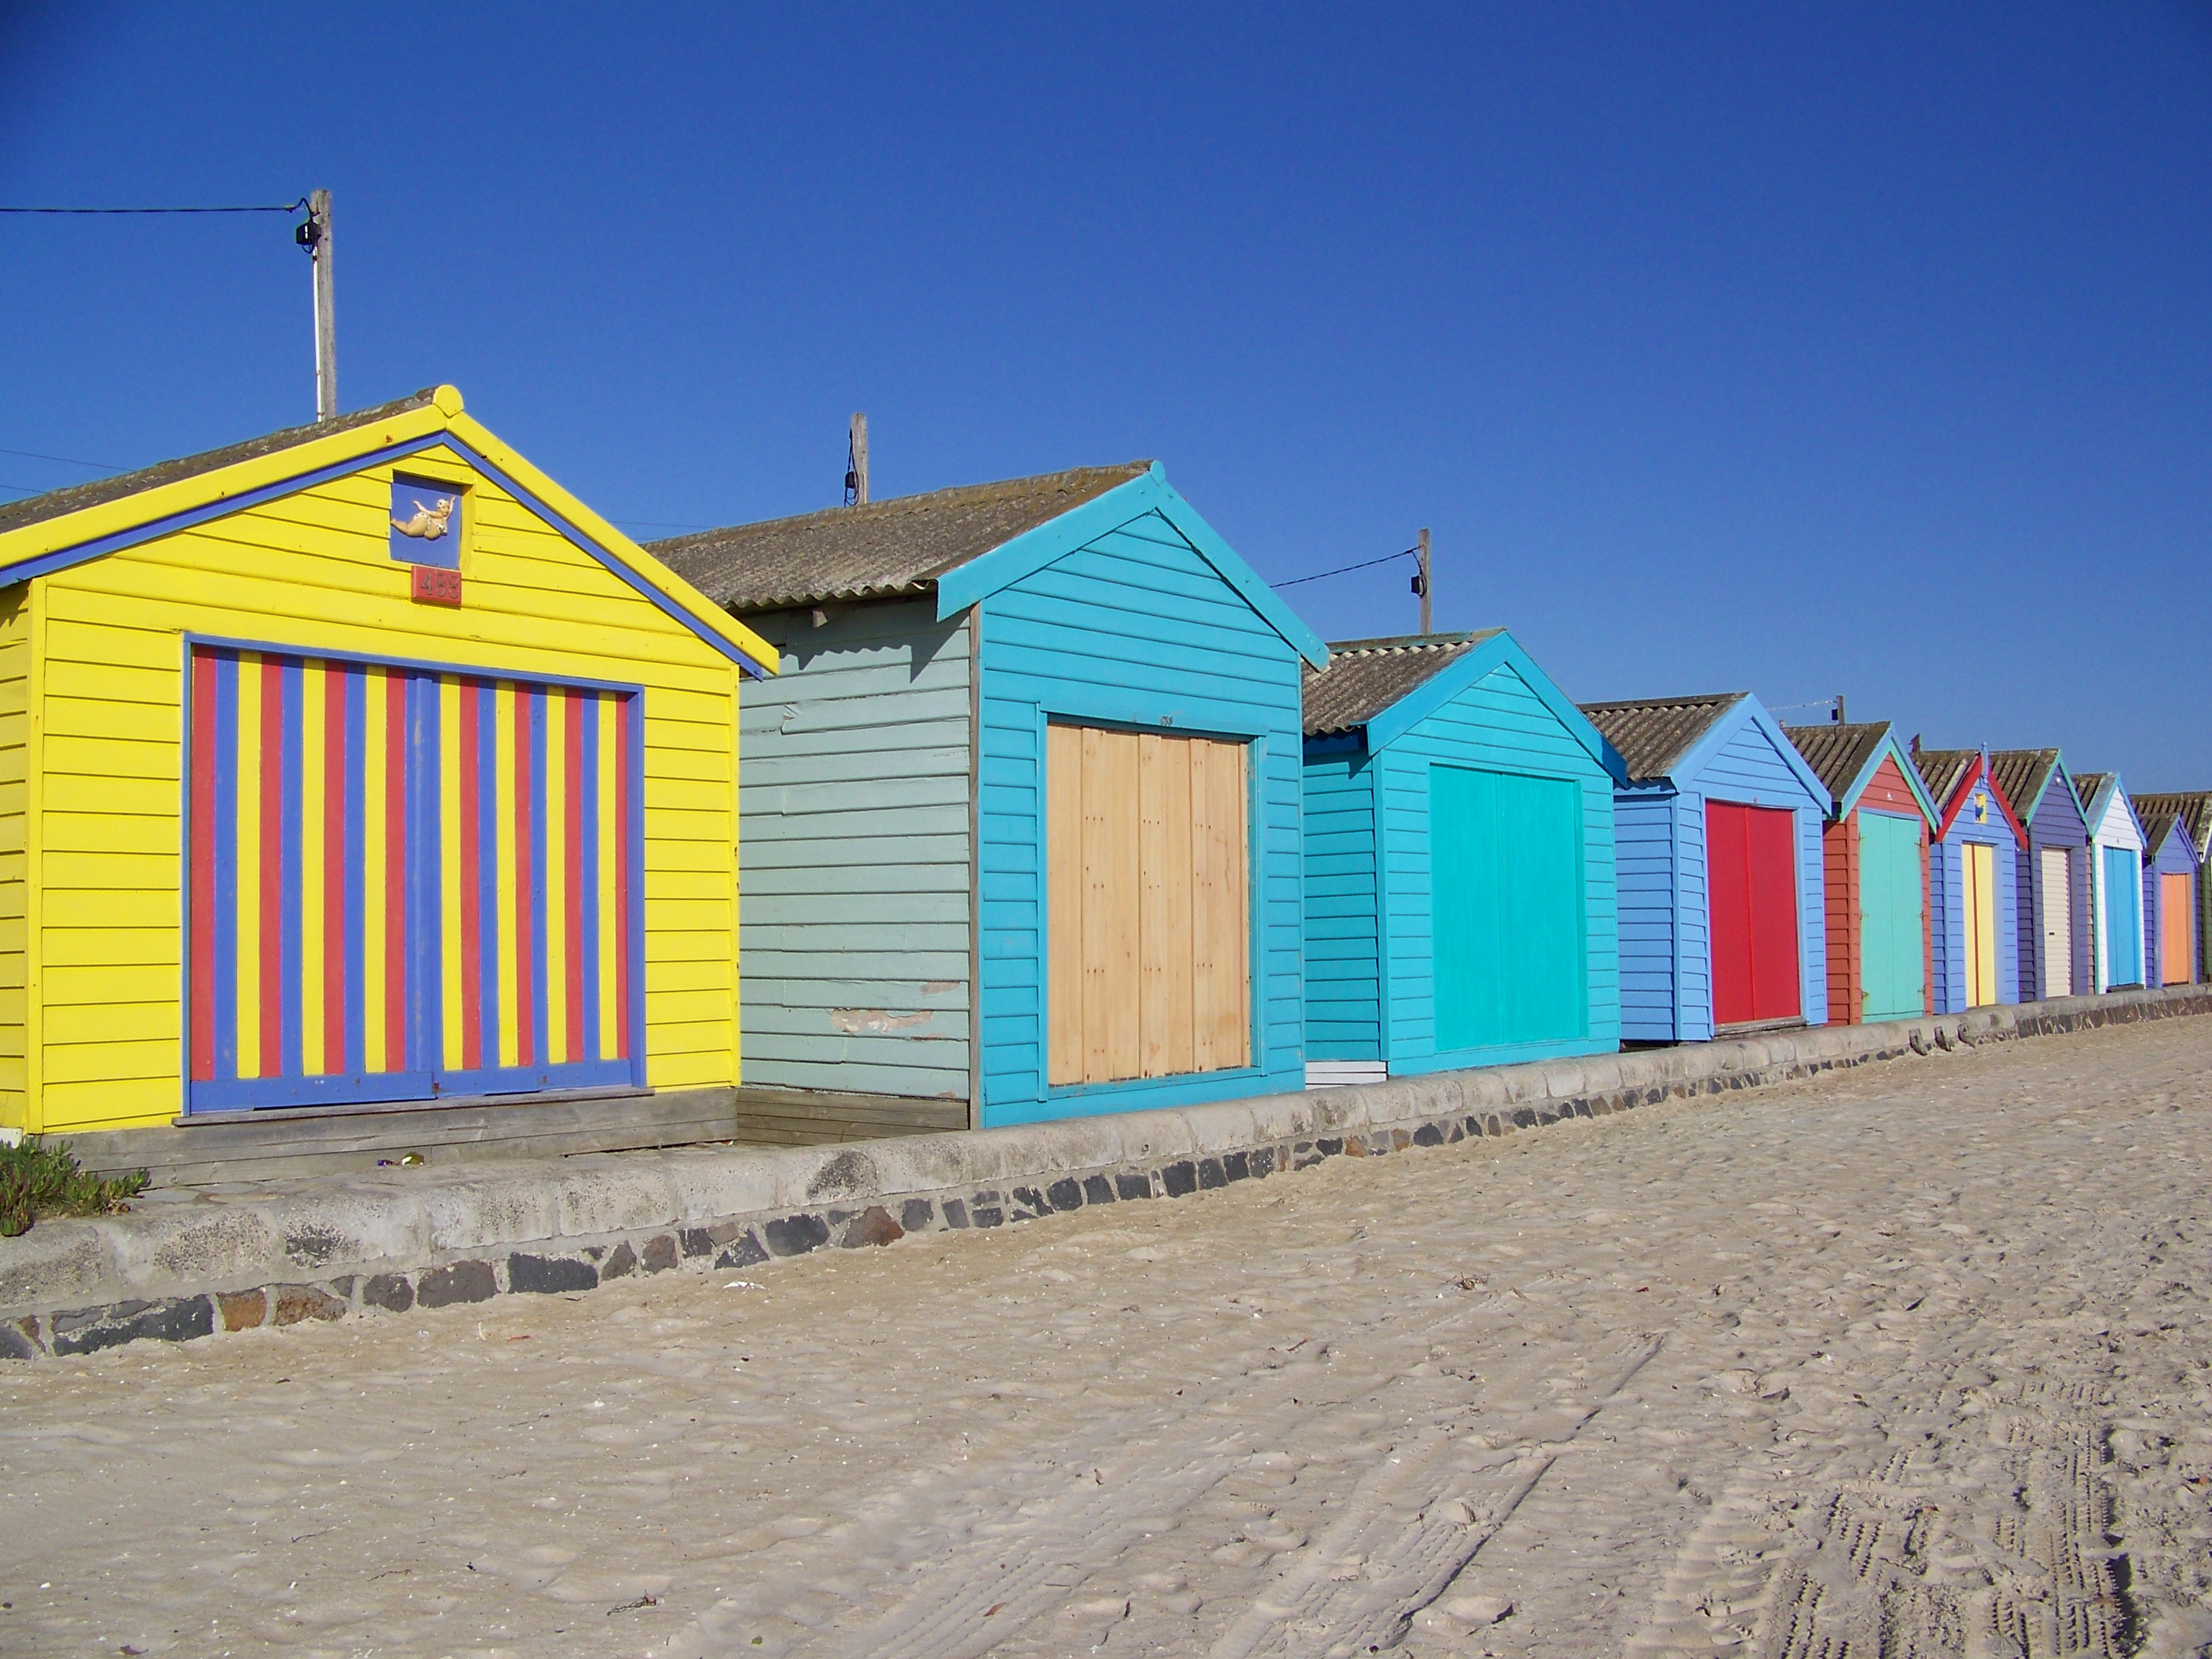 Beach Huts At St Annsbeach Huts For Sale In Lytham St Anns